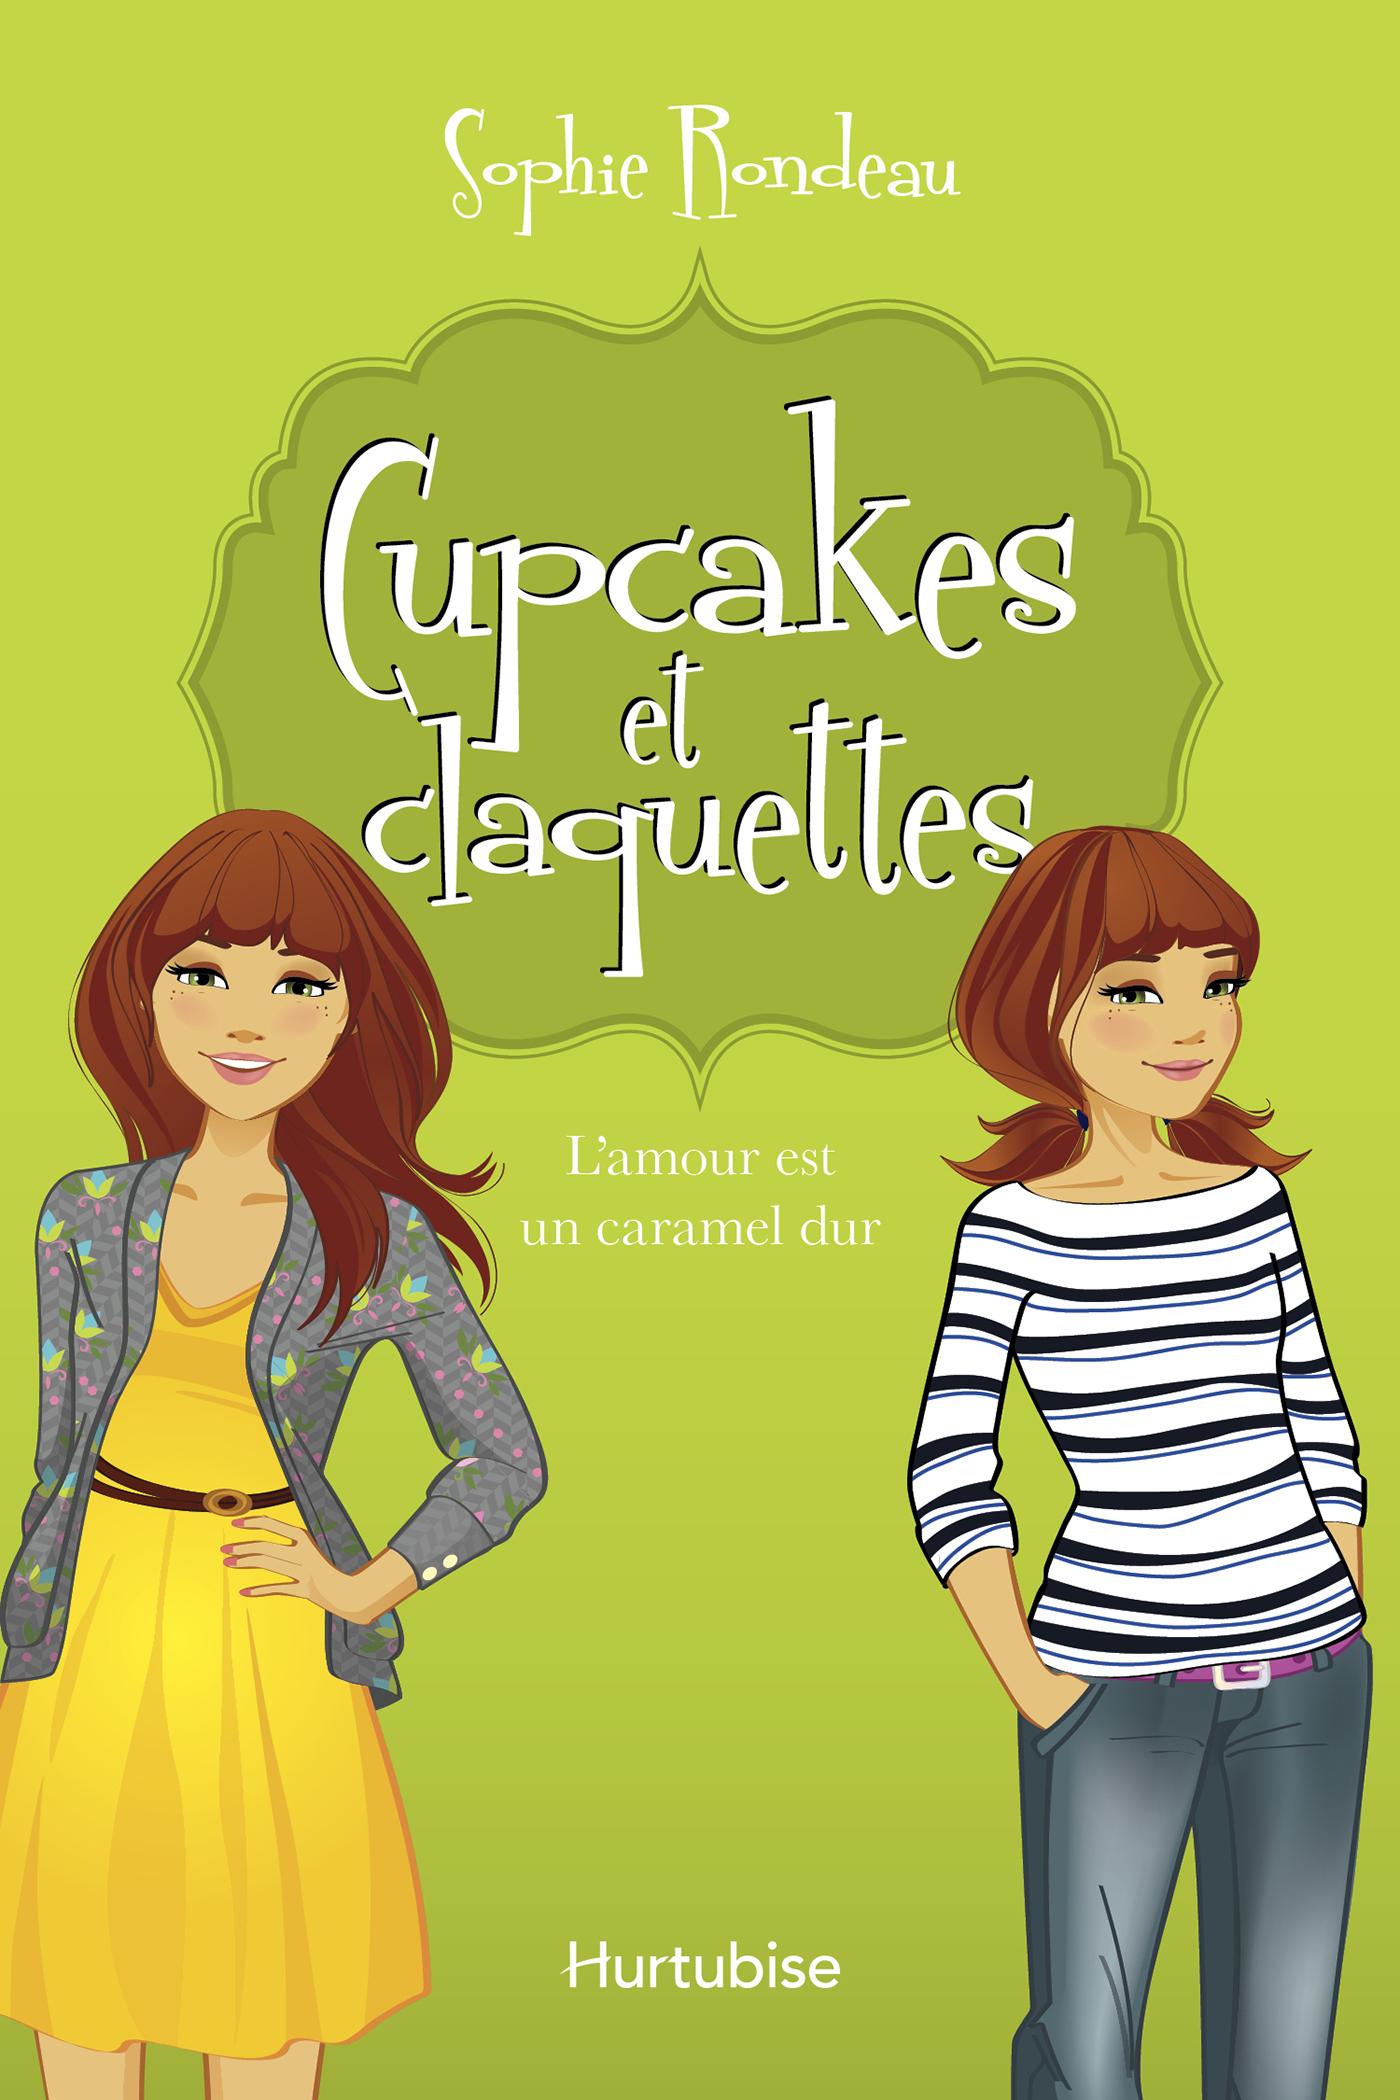 Cupcakes et claquettes T2 - L'amour est un caramel dur